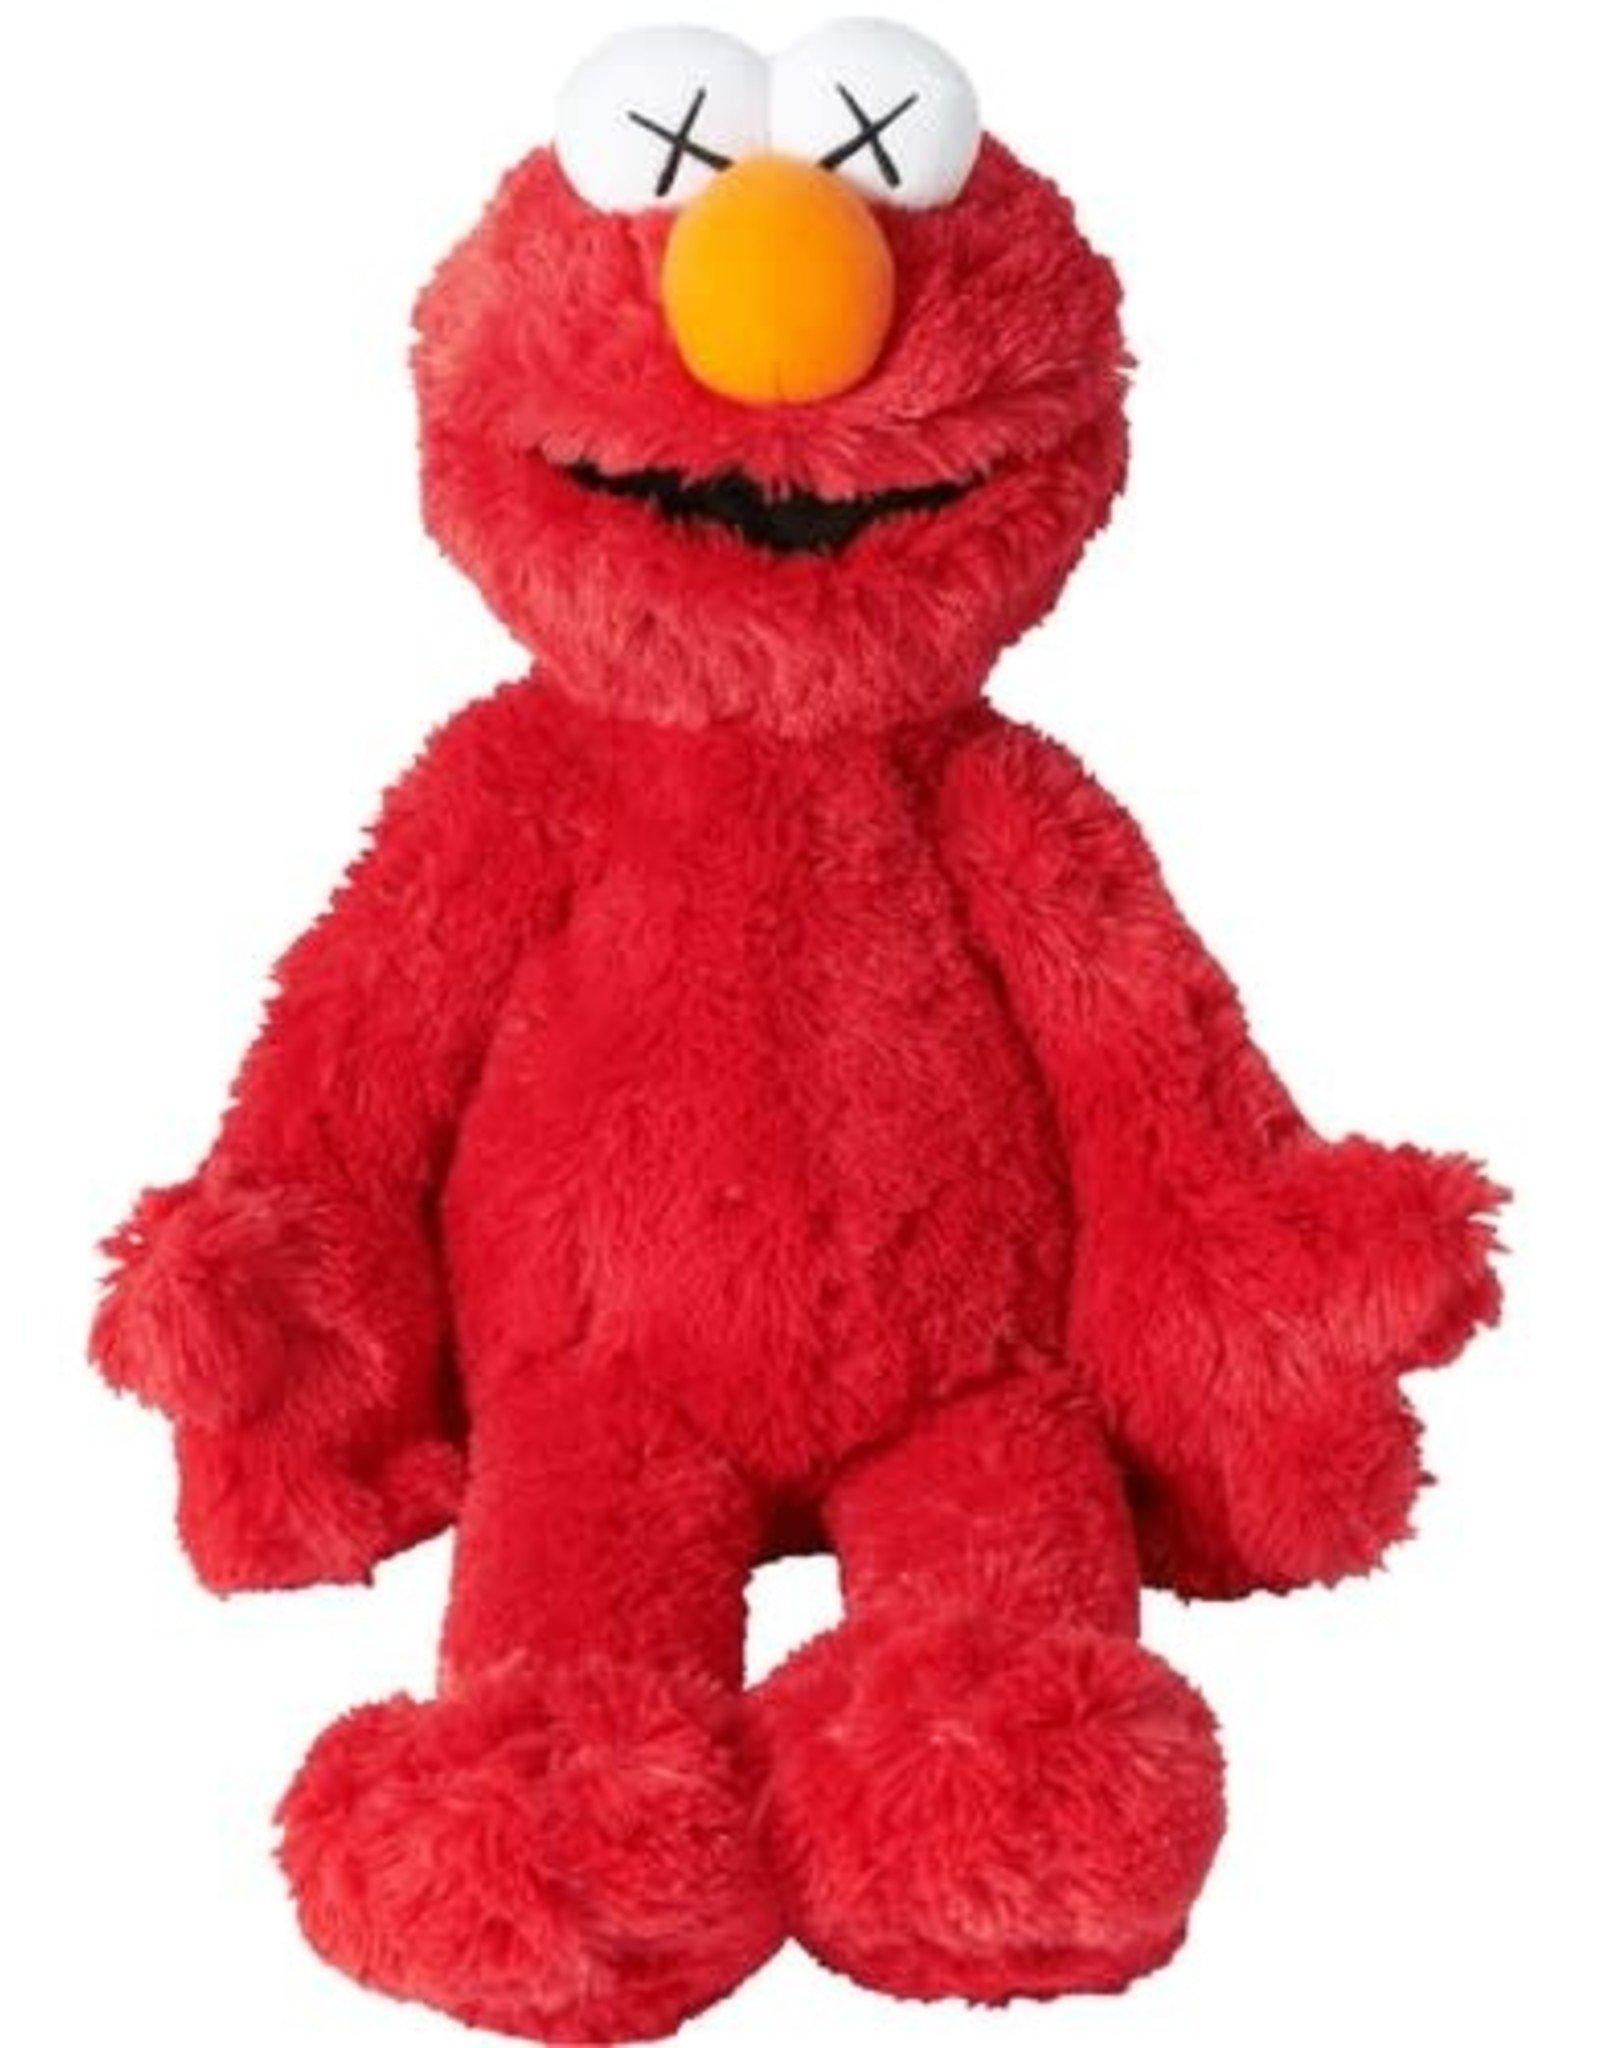 DOUSED-KAWS Sesame Street Uniqlo Elmo Plush Toy RED